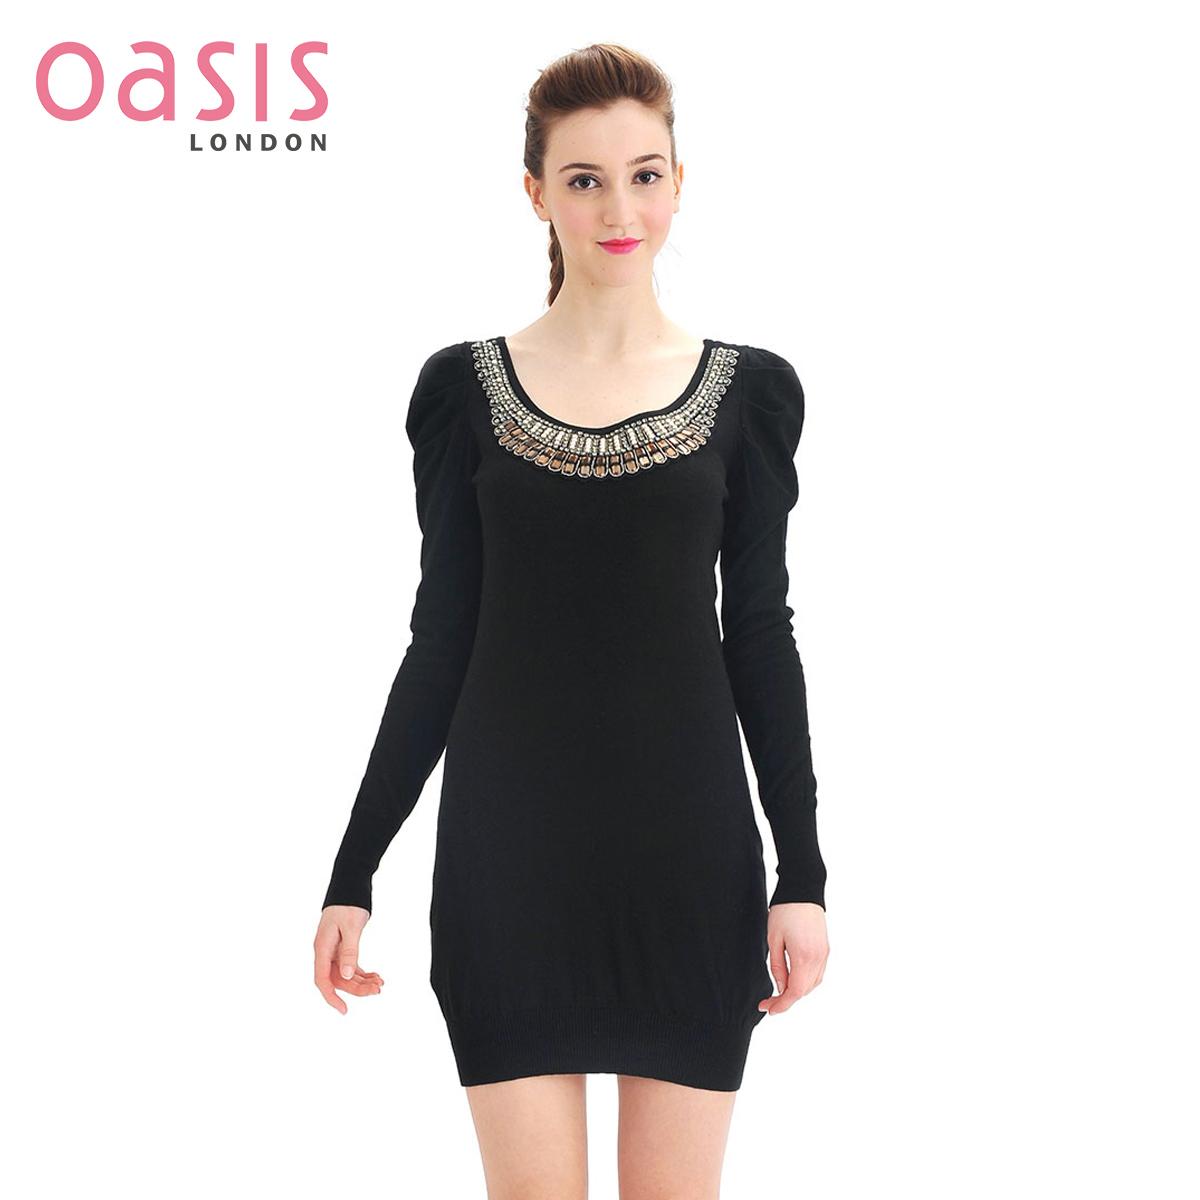 Продажа Платья Оазис интернет магазин   Купить Платья Oasis не дорого (дешево) в инетернет магазине таобао на русском. Доставка из Китая.